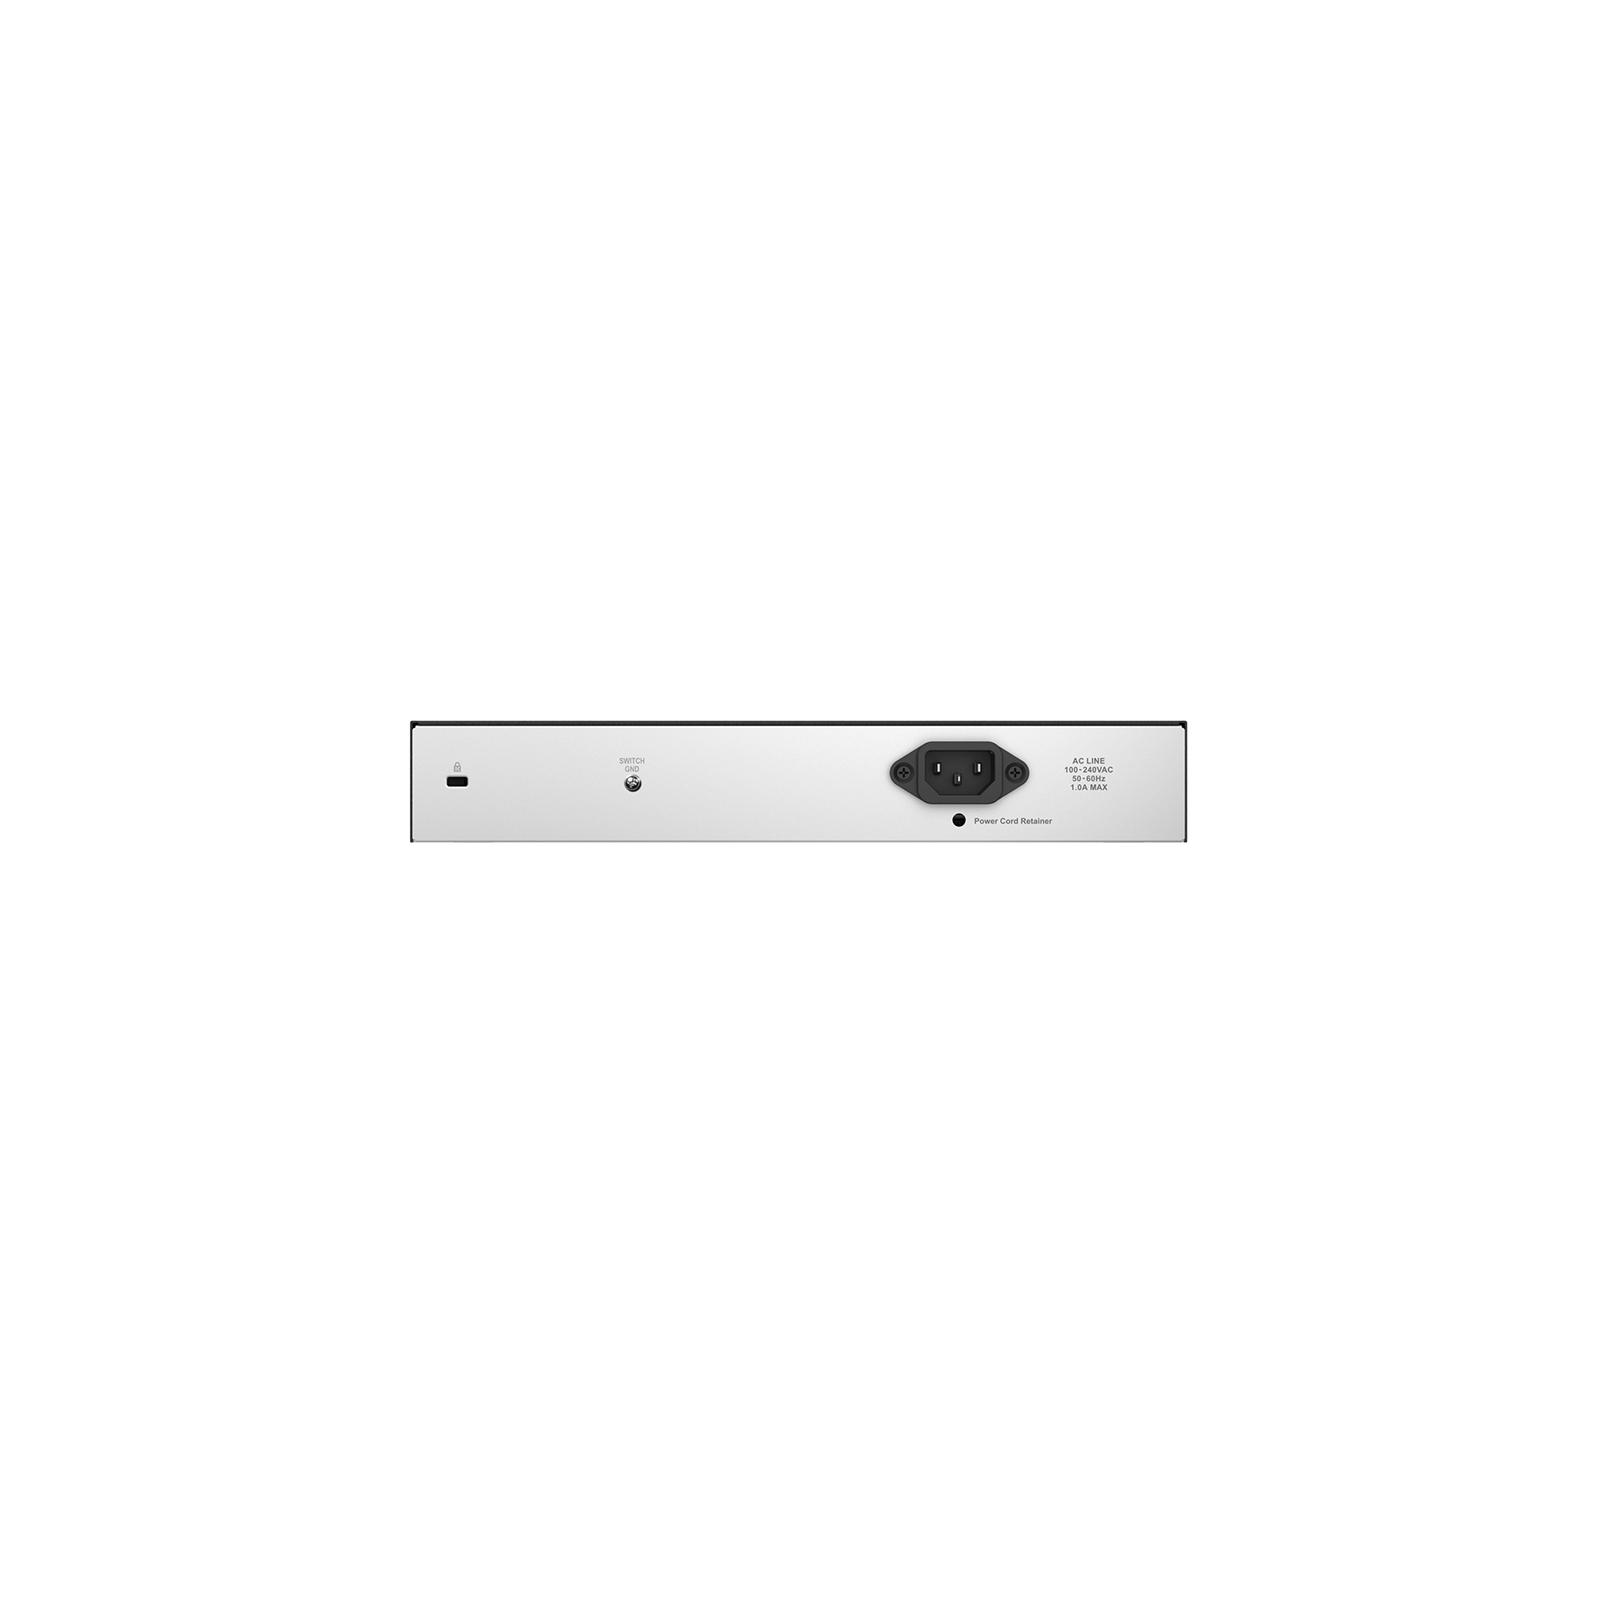 Коммутатор сетевой D-Link DGS-1100-26/ME изображение 3